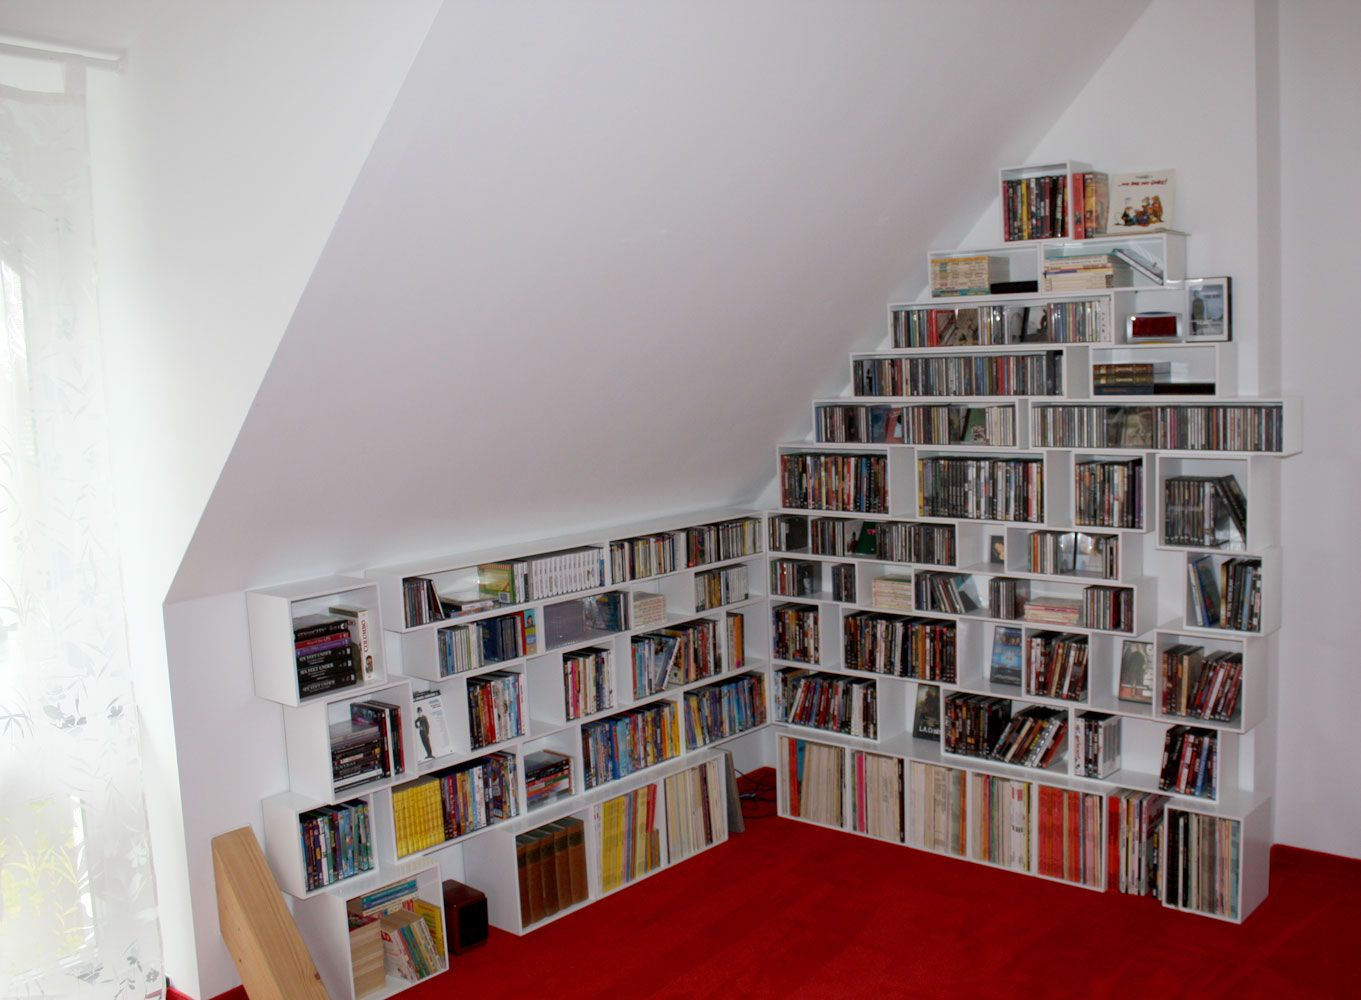 Bookcases For Slanted Ceiling Slanted Ceiling Slanted Walls Shelves